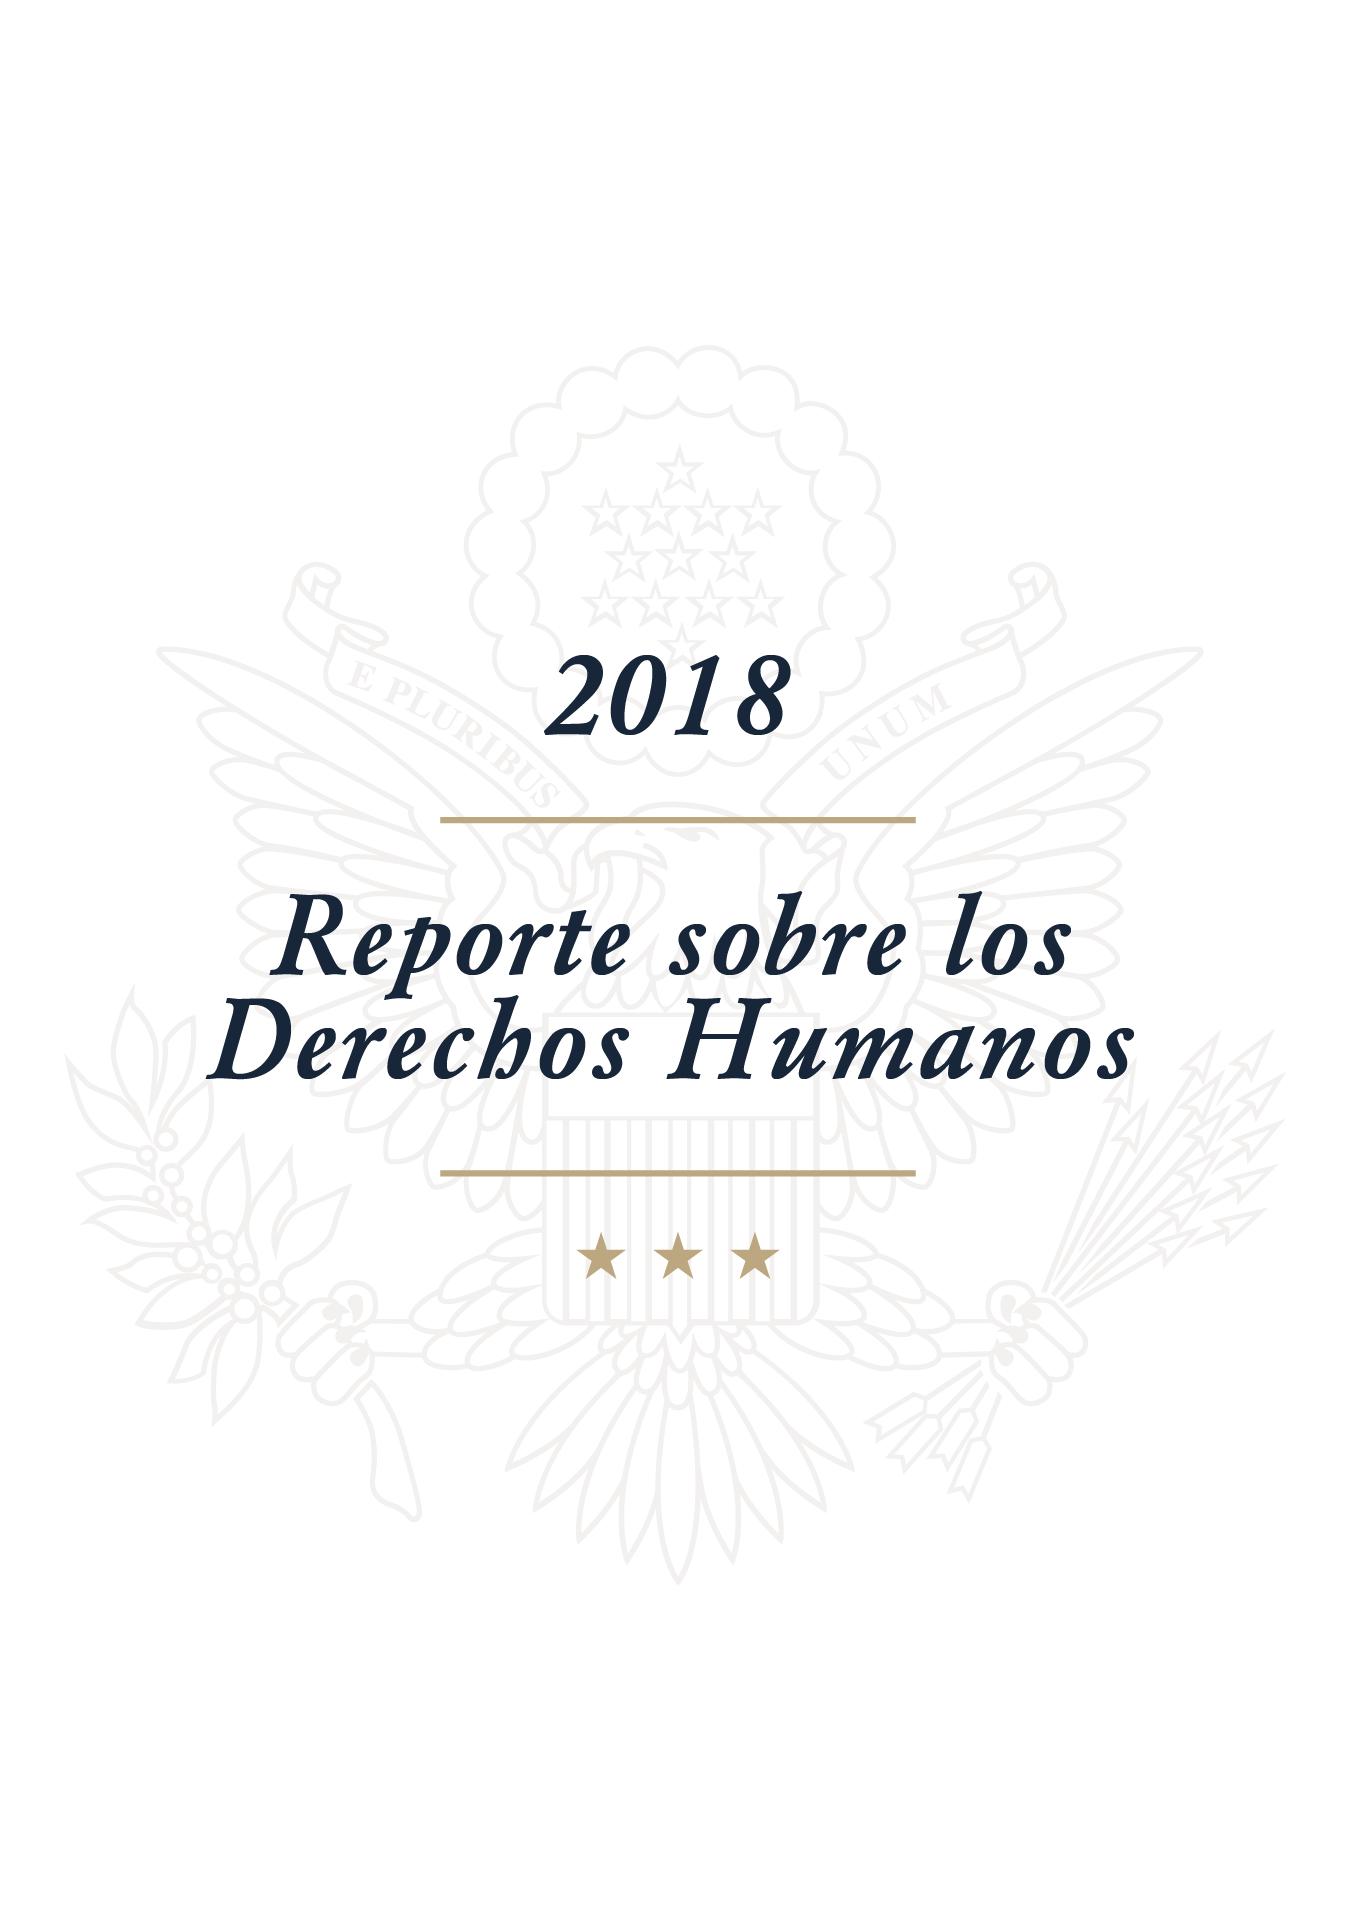 Reporte sobre los Derechos Humanos 2018